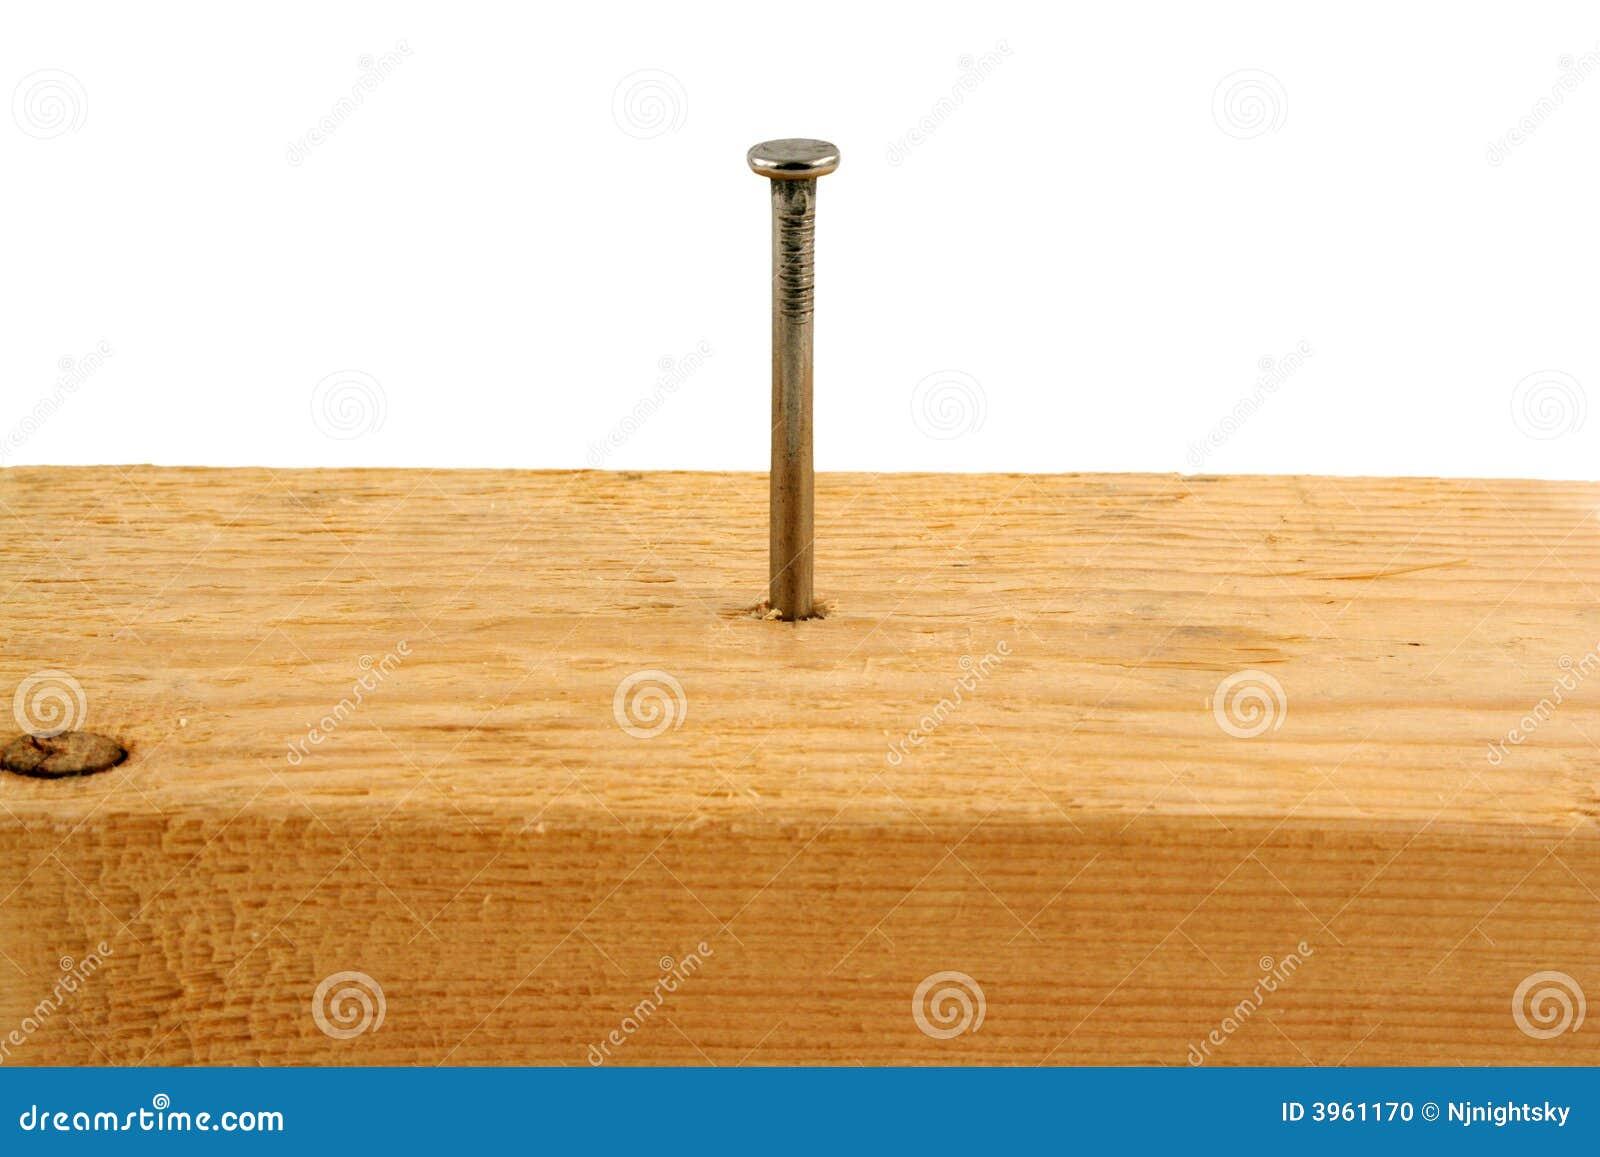 Clavo de diez peniques en un pedazo de madera foto de - Clavos para madera ...